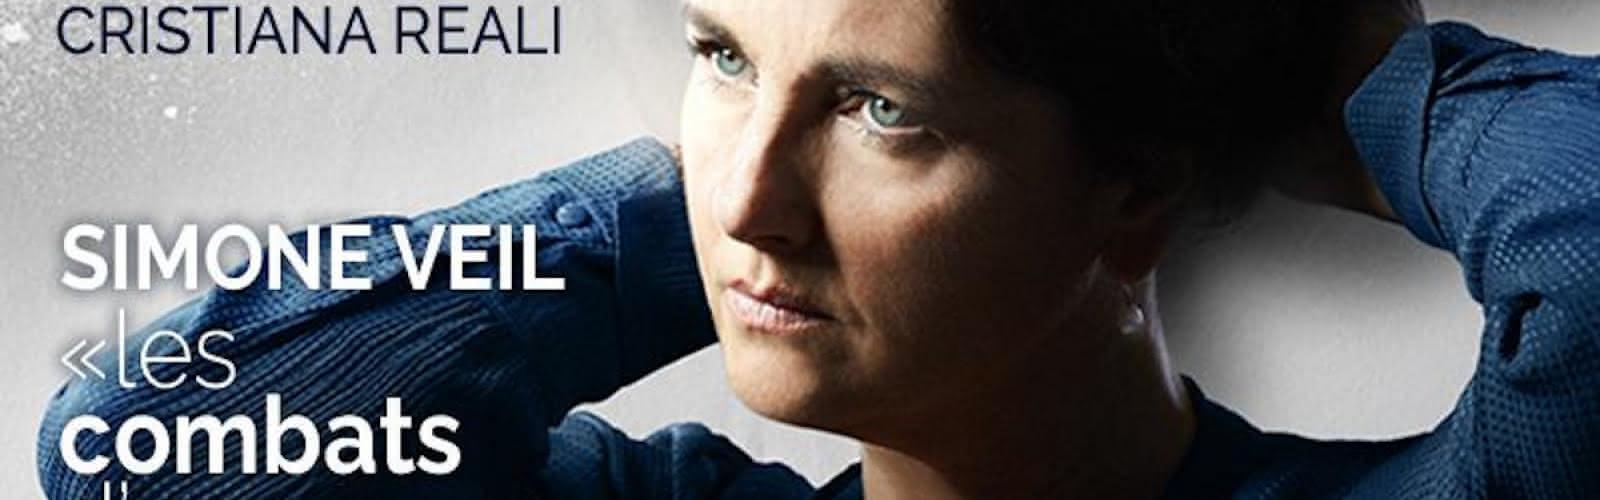 Simone Veil 'Les combats d'une effrontée'